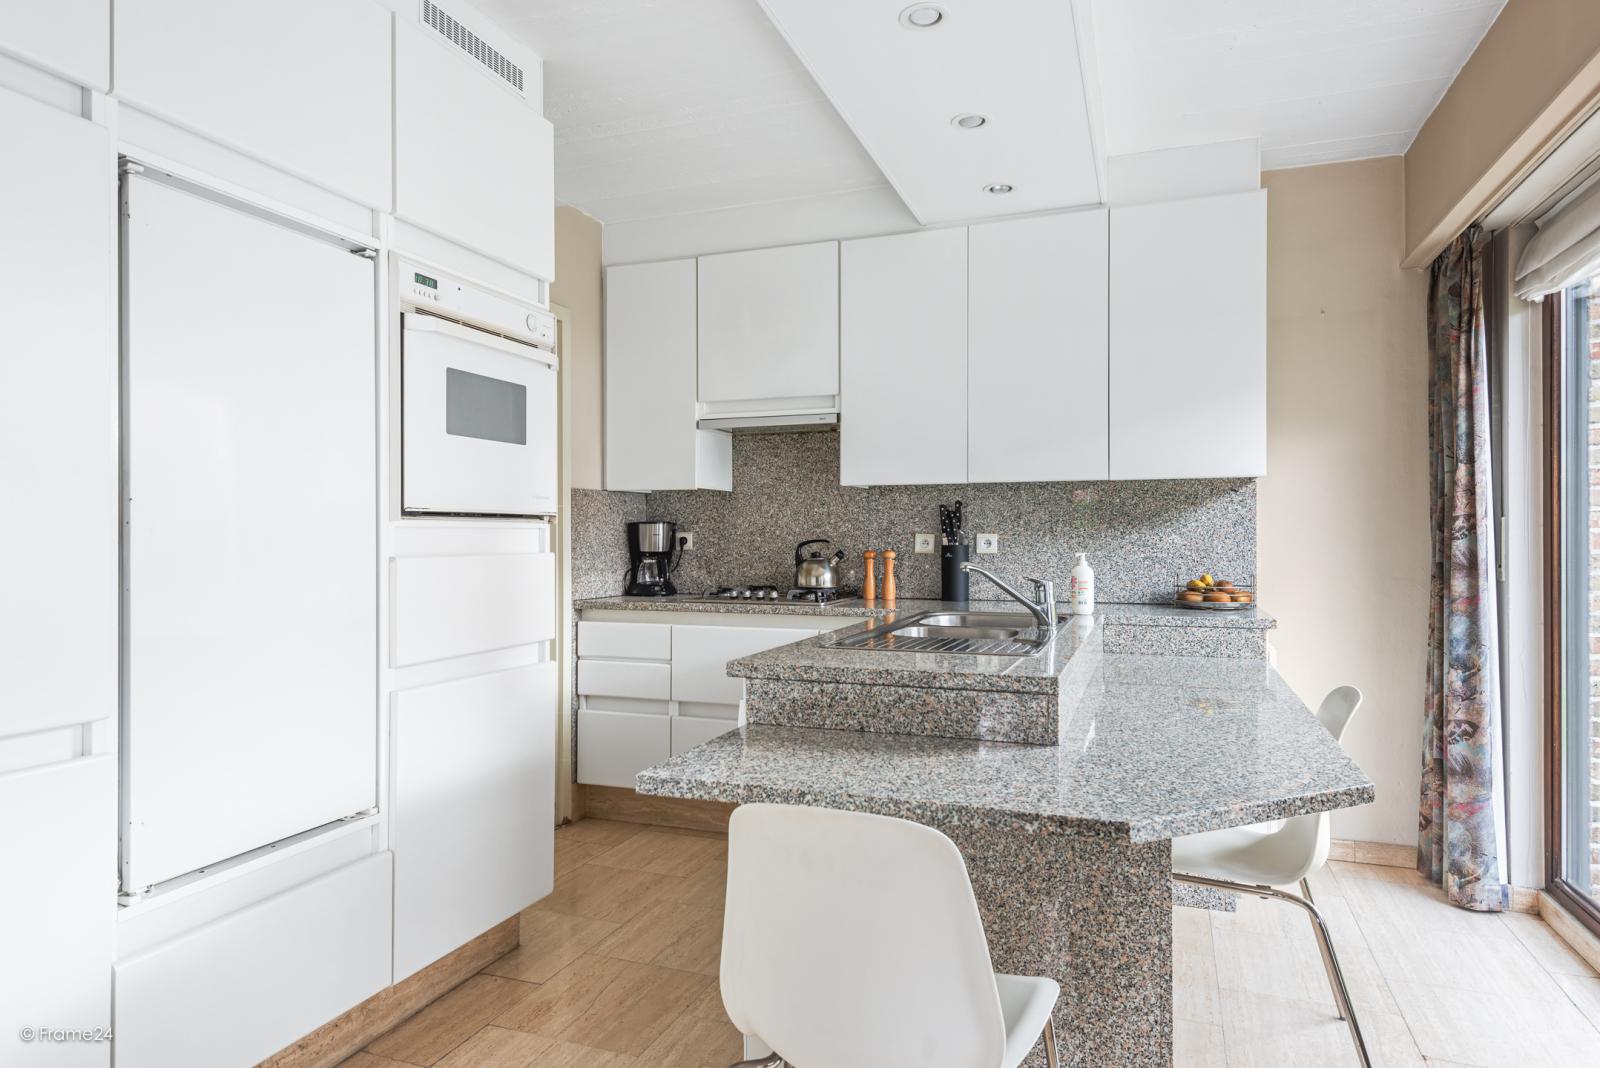 Zeer verzorgde halfopen woning met 4 slaapkamers en gelegen op een hoekperceel van 457 m²! afbeelding 10